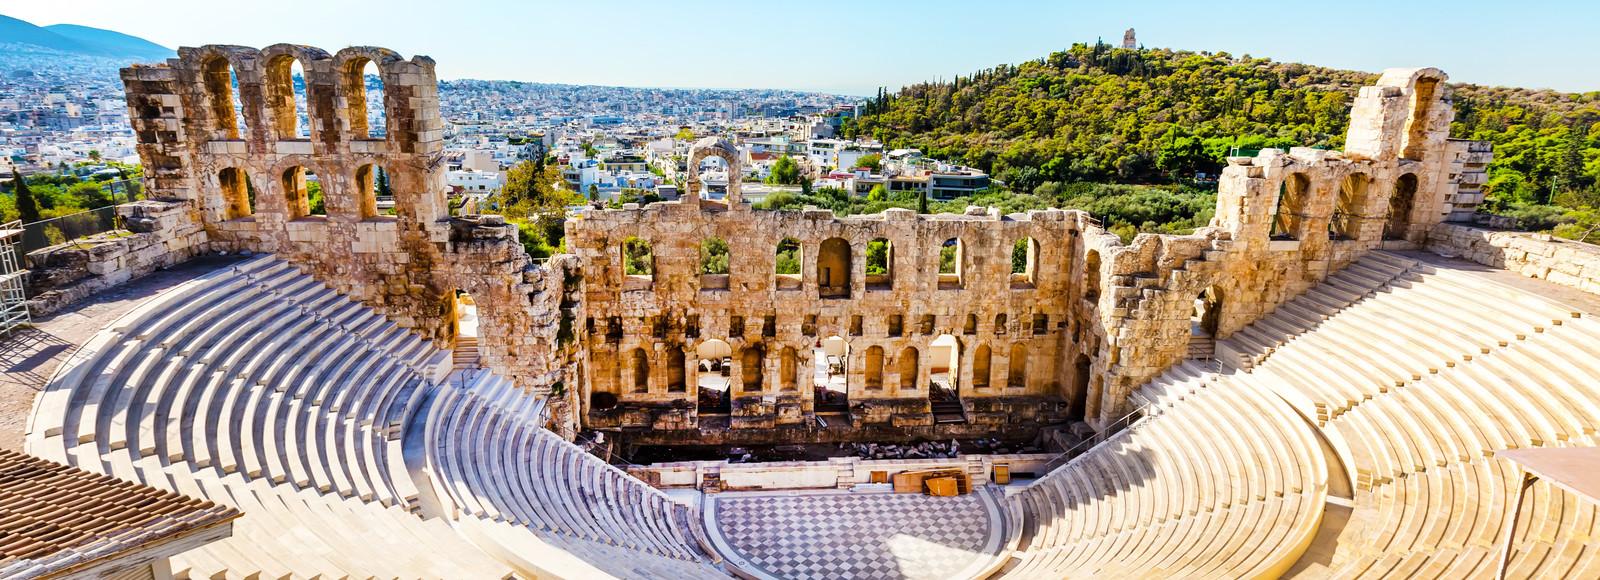 Die 8 spannendsten Athen Sehenswürdigkeiten